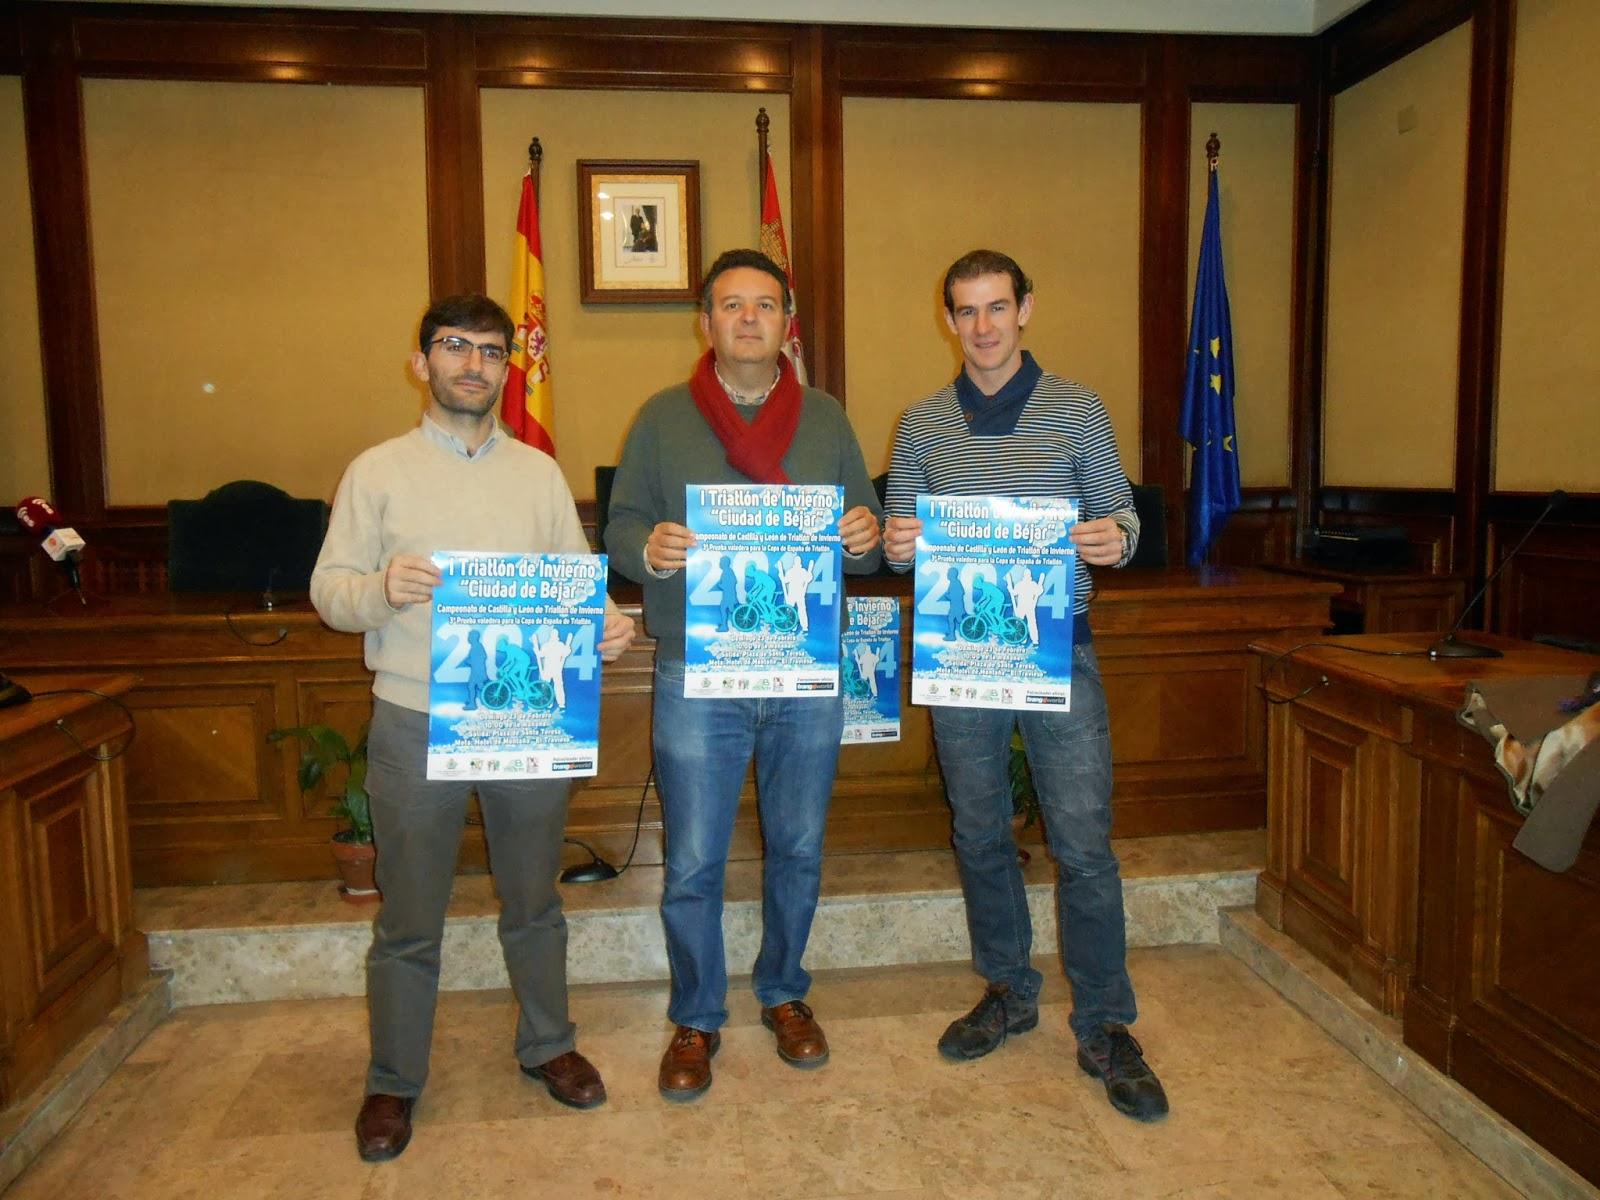 Miembros de la organizacion junto al concejal de deportes sostene el cartel anunciador de la actividad